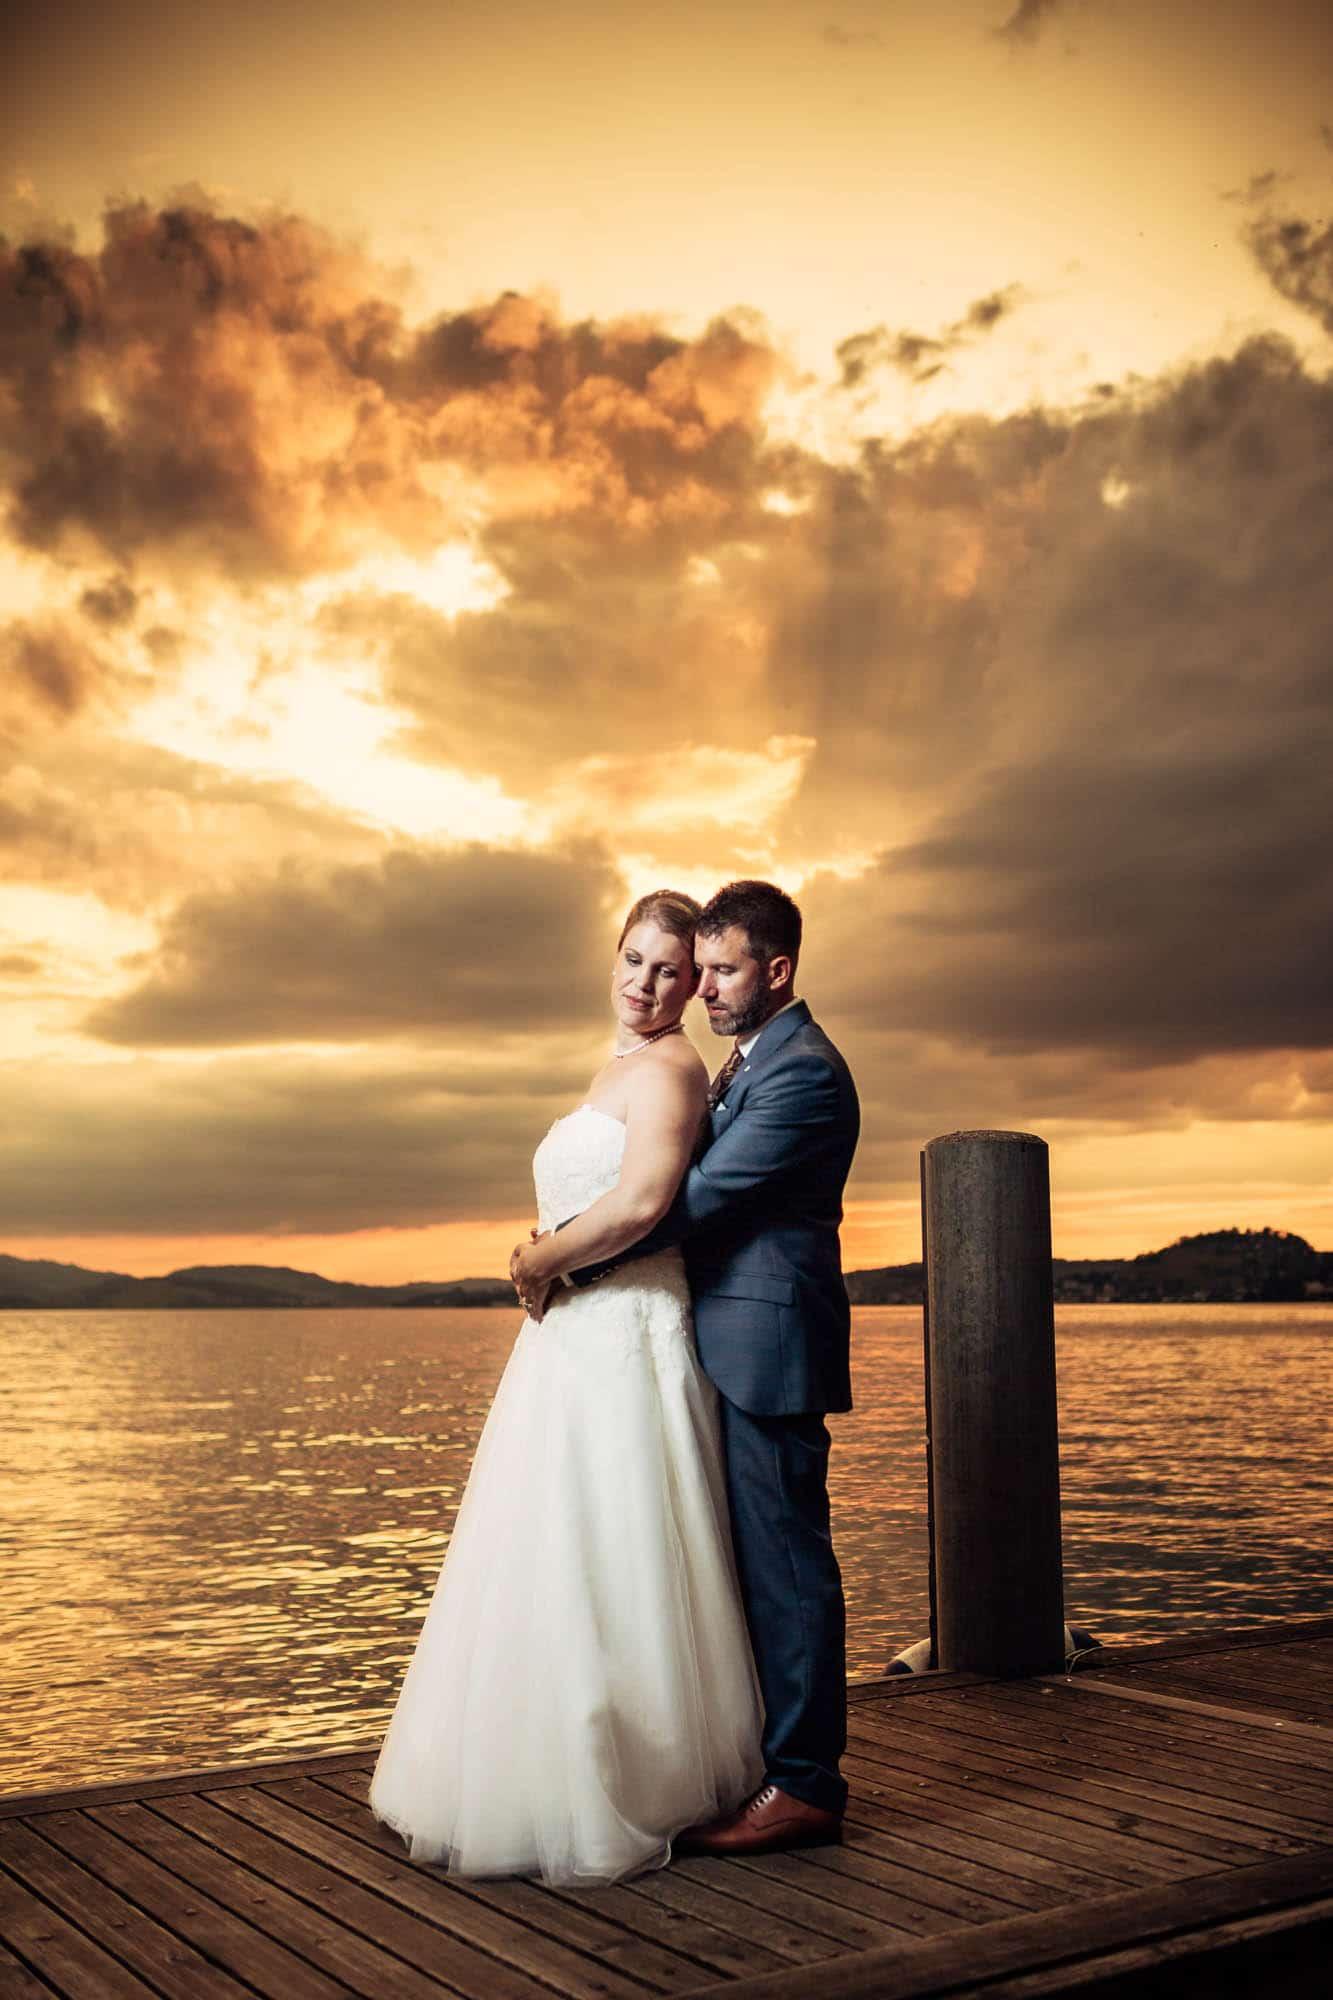 Hochzeitsfotos Vitznau auf dem Schiffsteg bei Sonnenuntergang